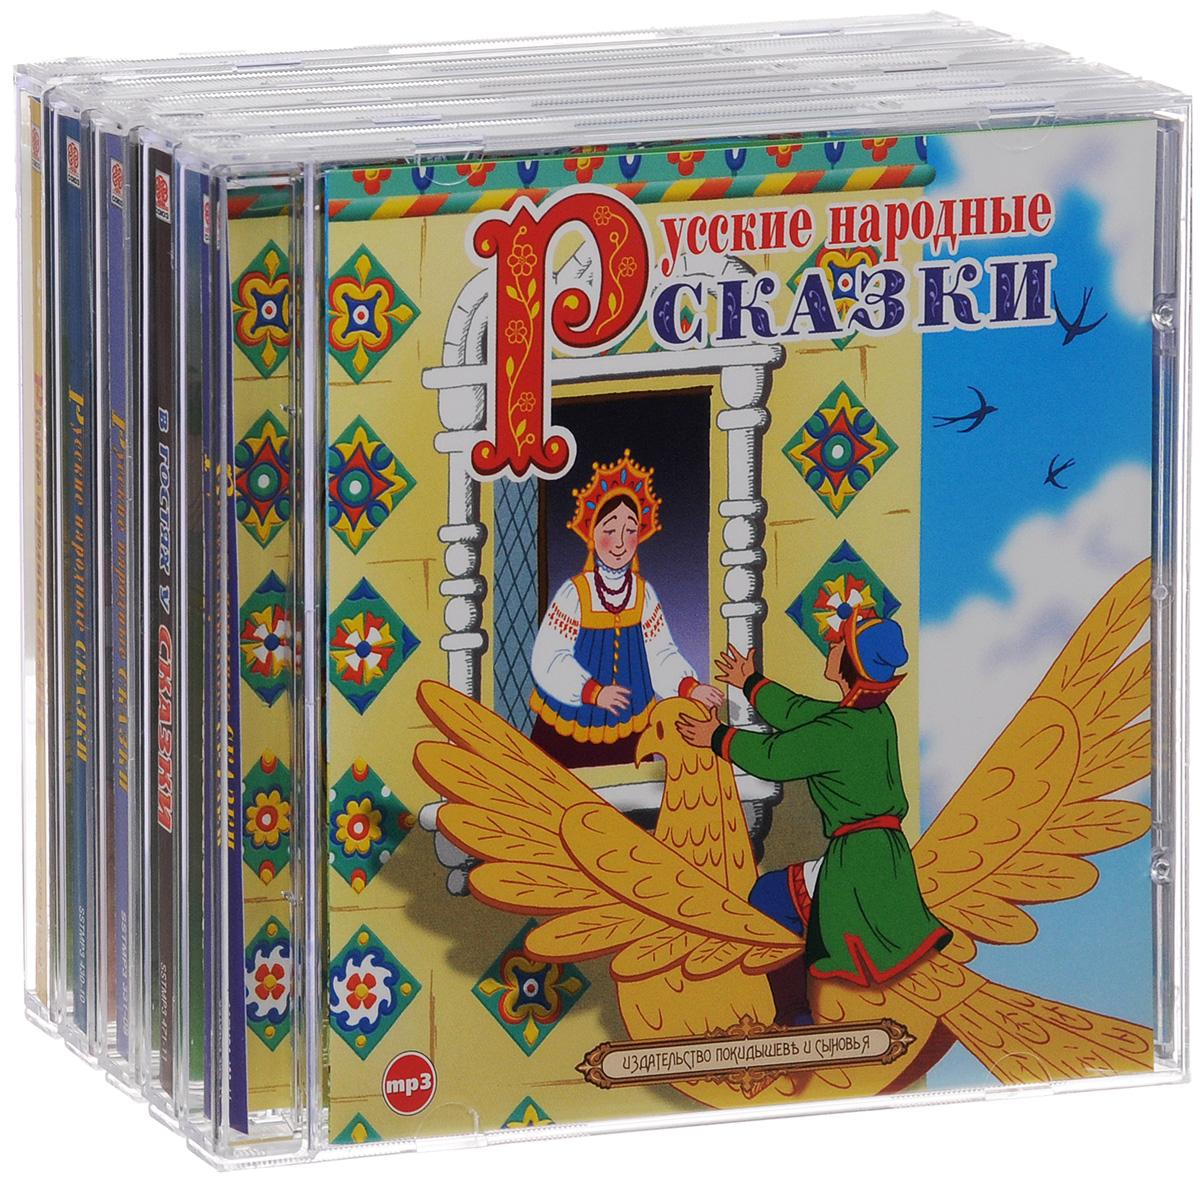 Русские народные сказки (комплект из 5 аудиокниг MP3 на 5 CD)